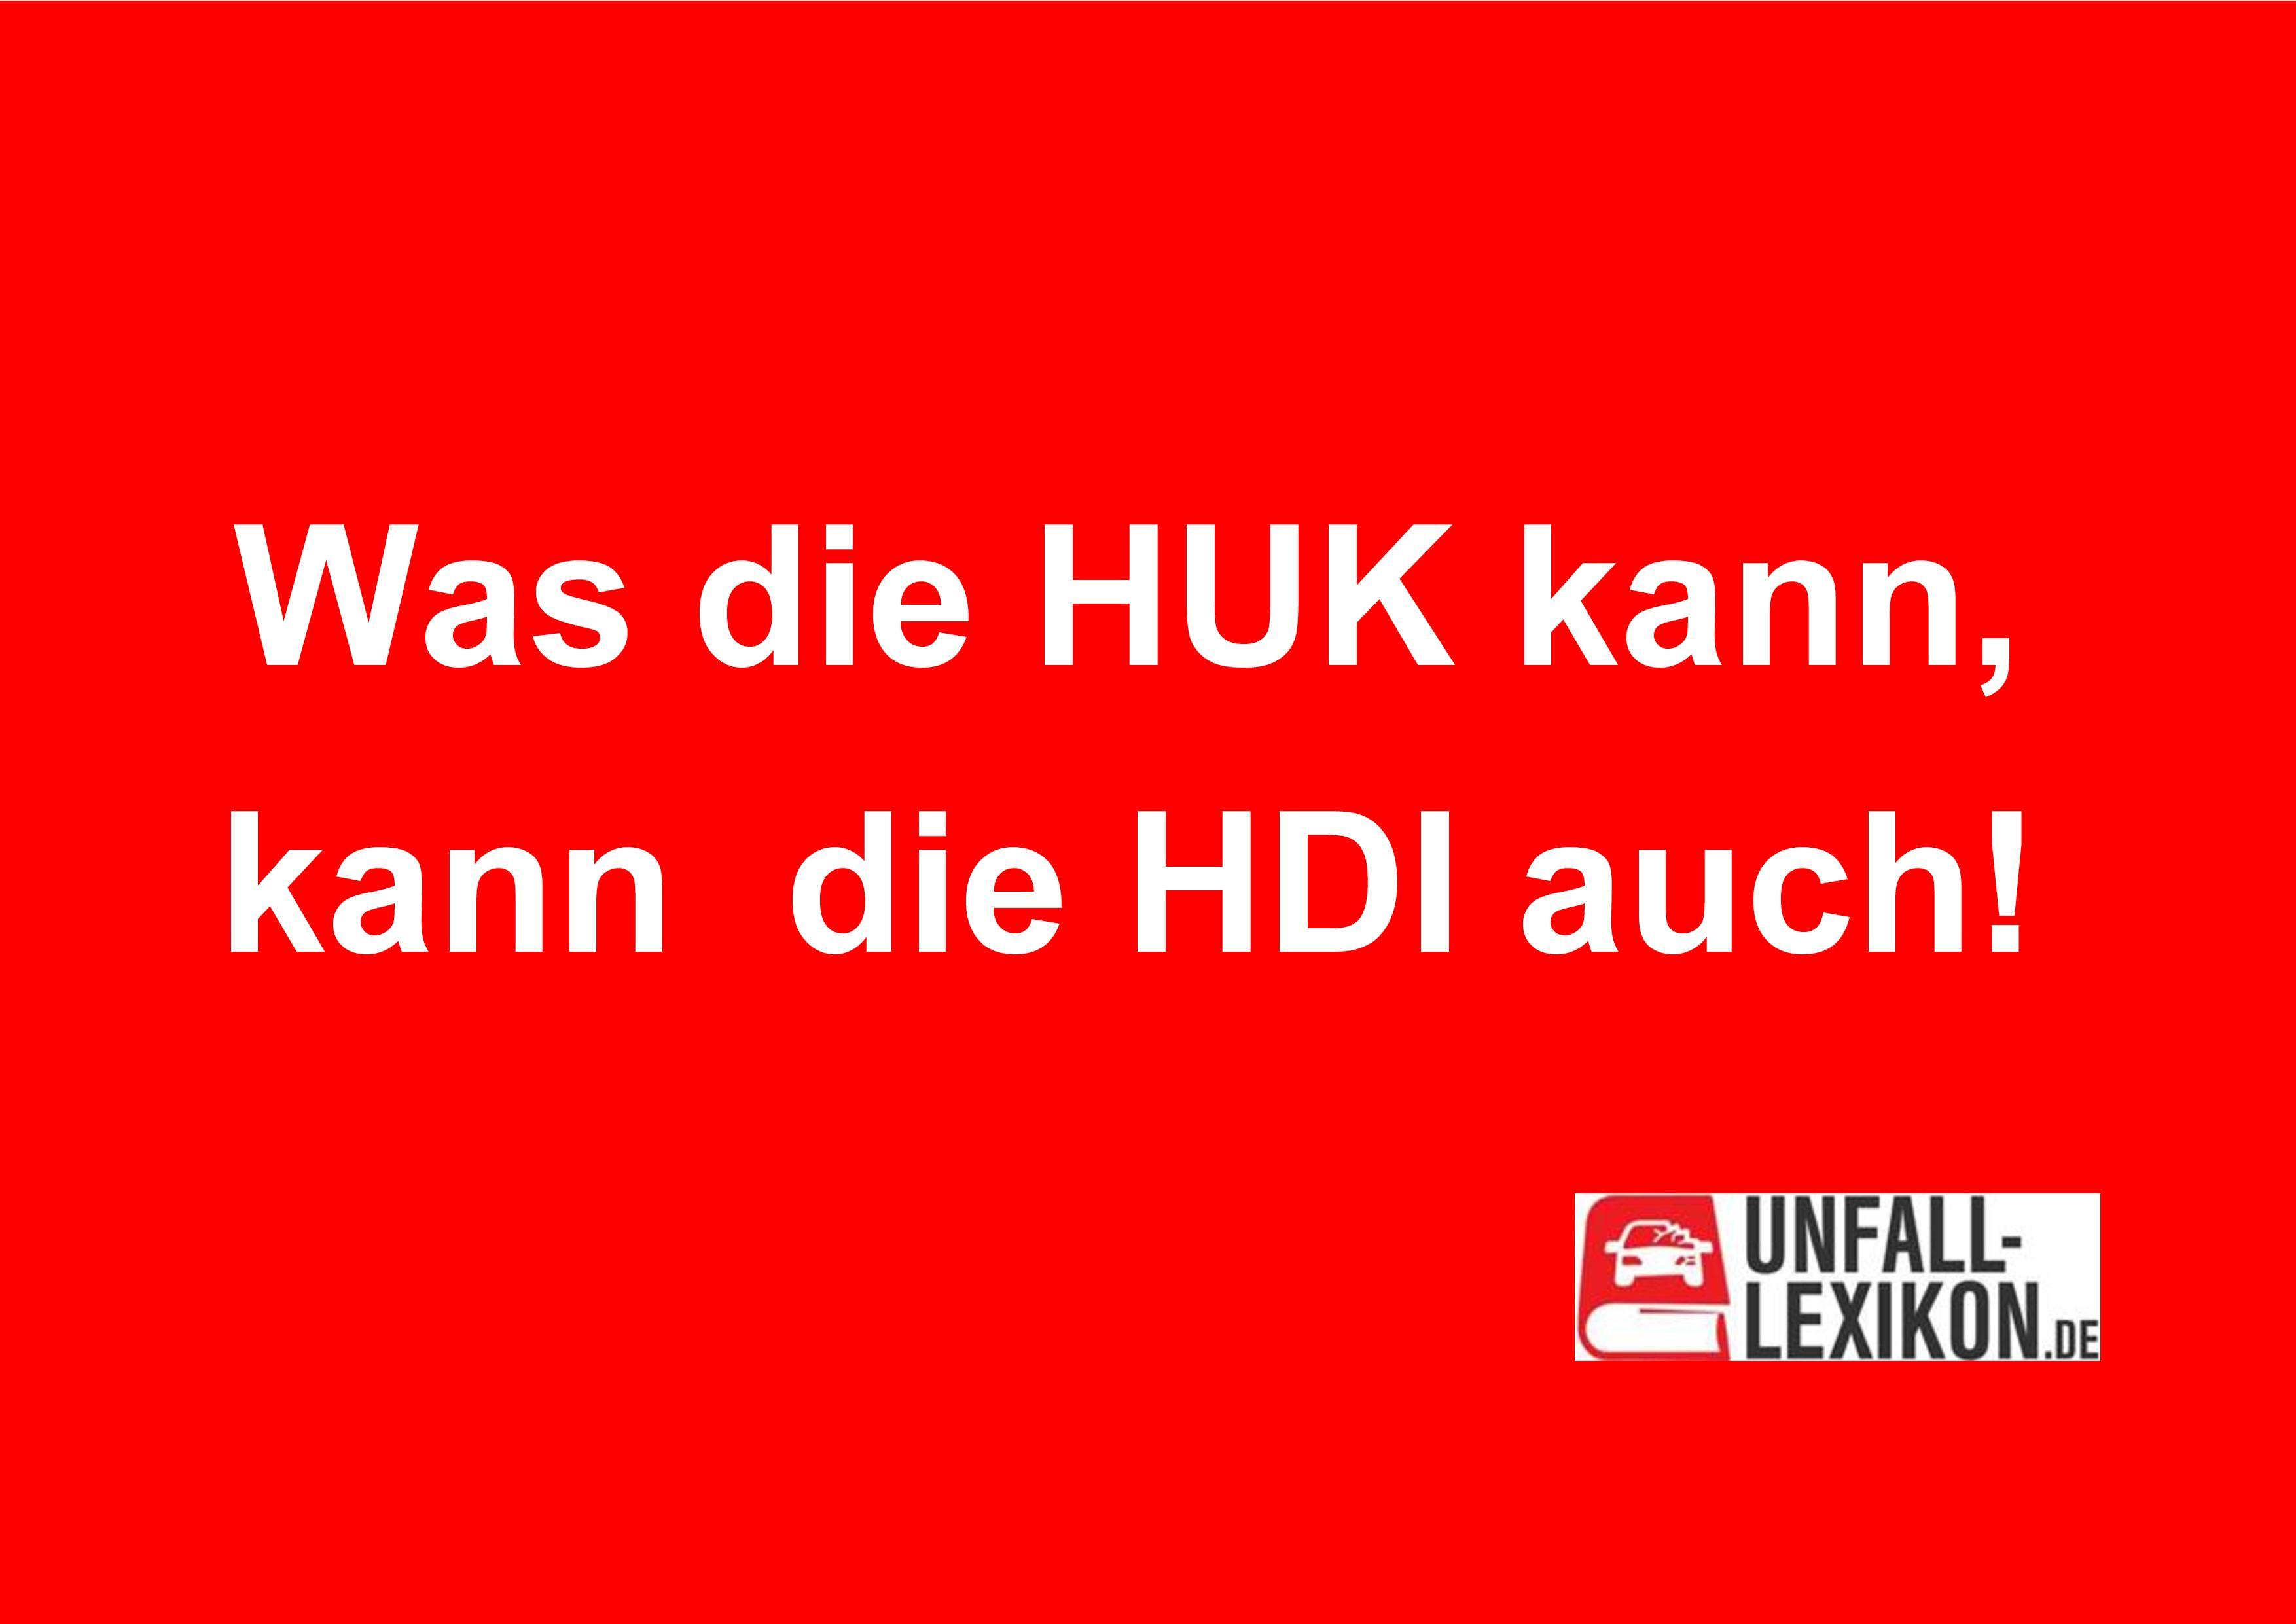 Was die HUK kann, kann die HDI auch!